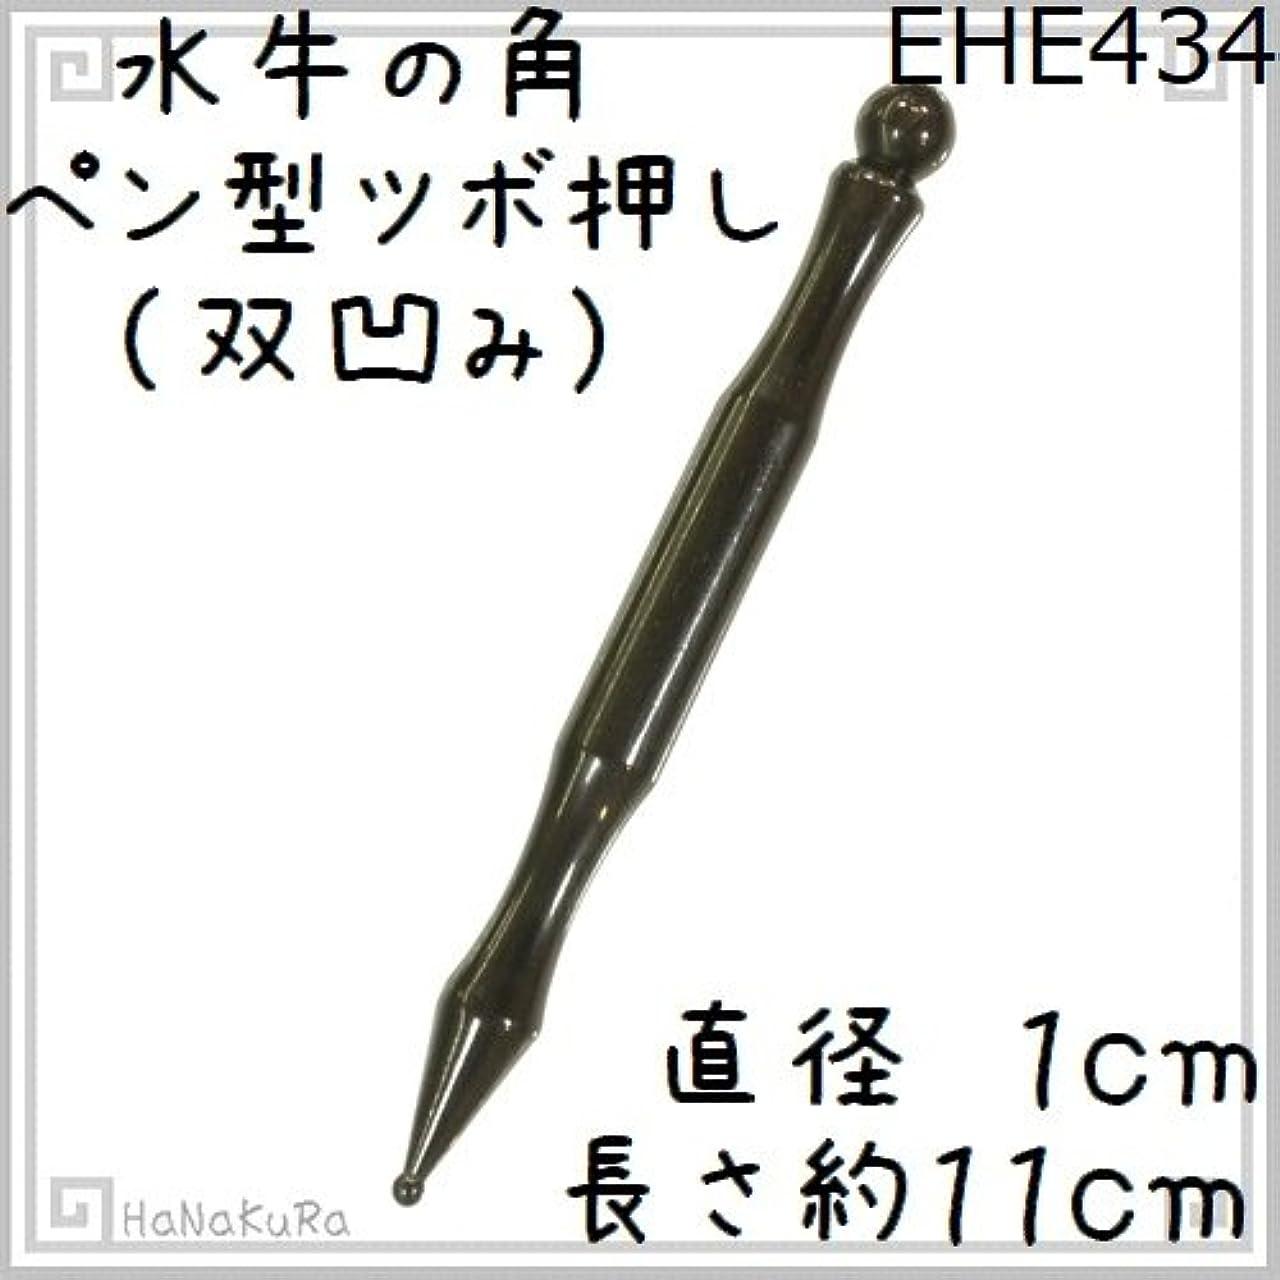 確実放散するベーカリーツボ押し 水牛の角 434 ペン型(双凹)